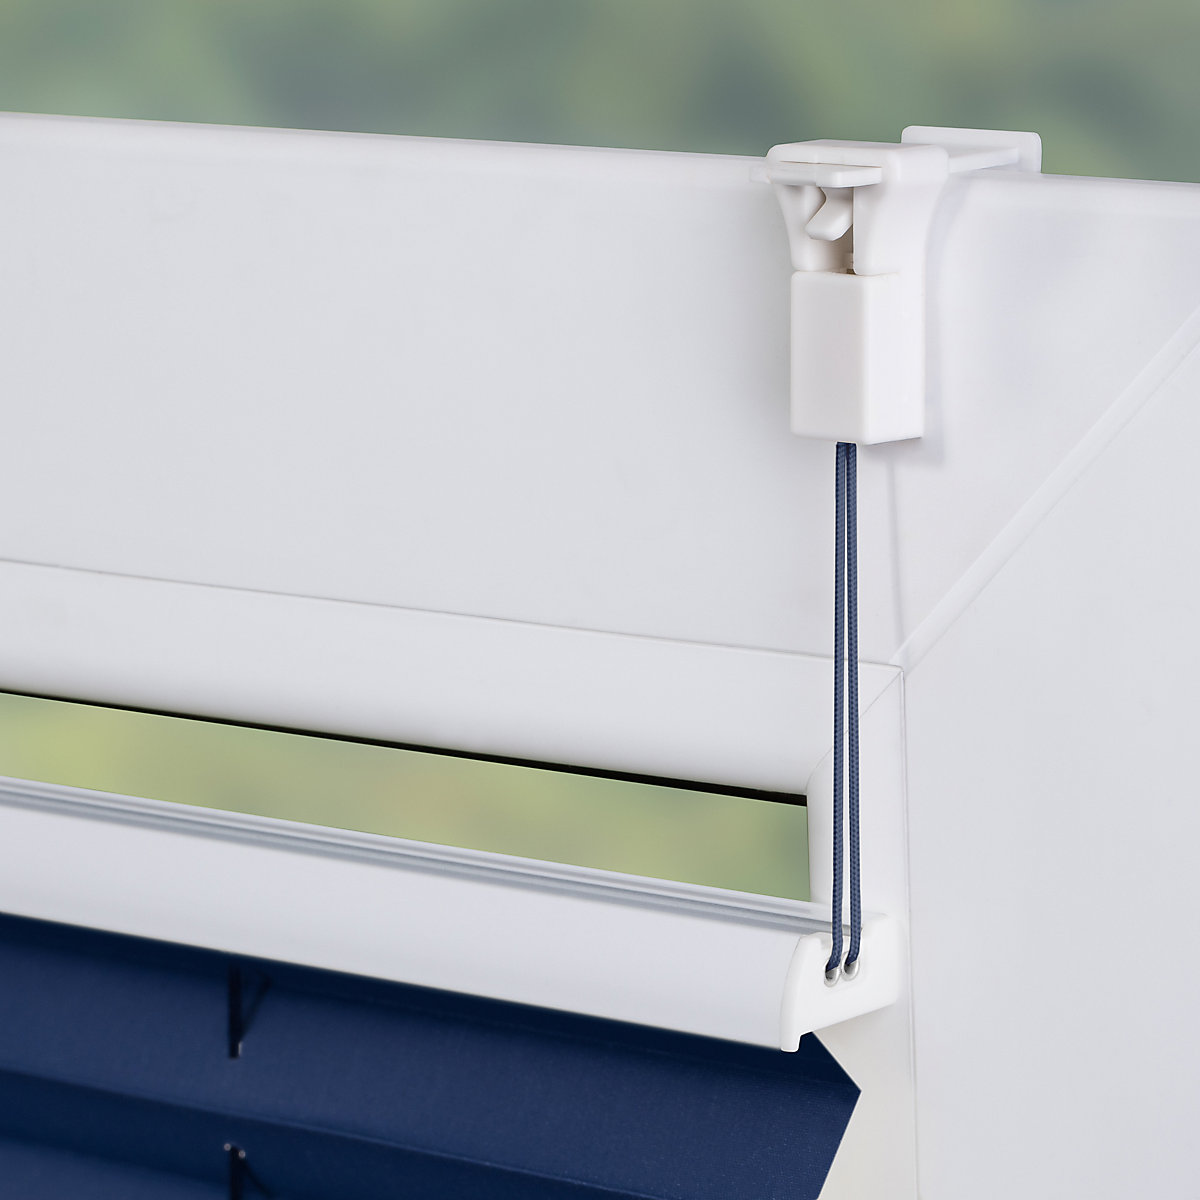 plissee klemmfix thermo ohne bohren verspannt verdunkelung blau blau lichtblick yomonda. Black Bedroom Furniture Sets. Home Design Ideas